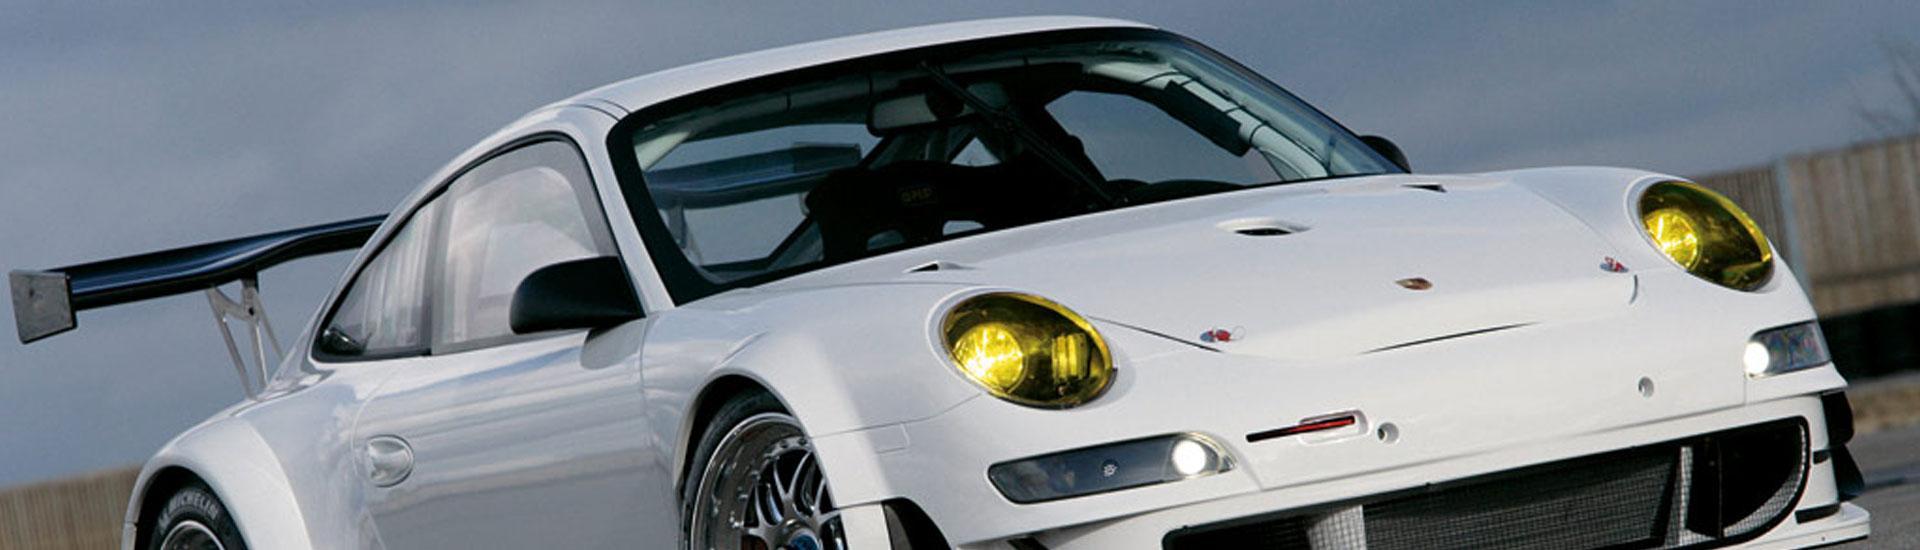 Porsche Headlight Tint